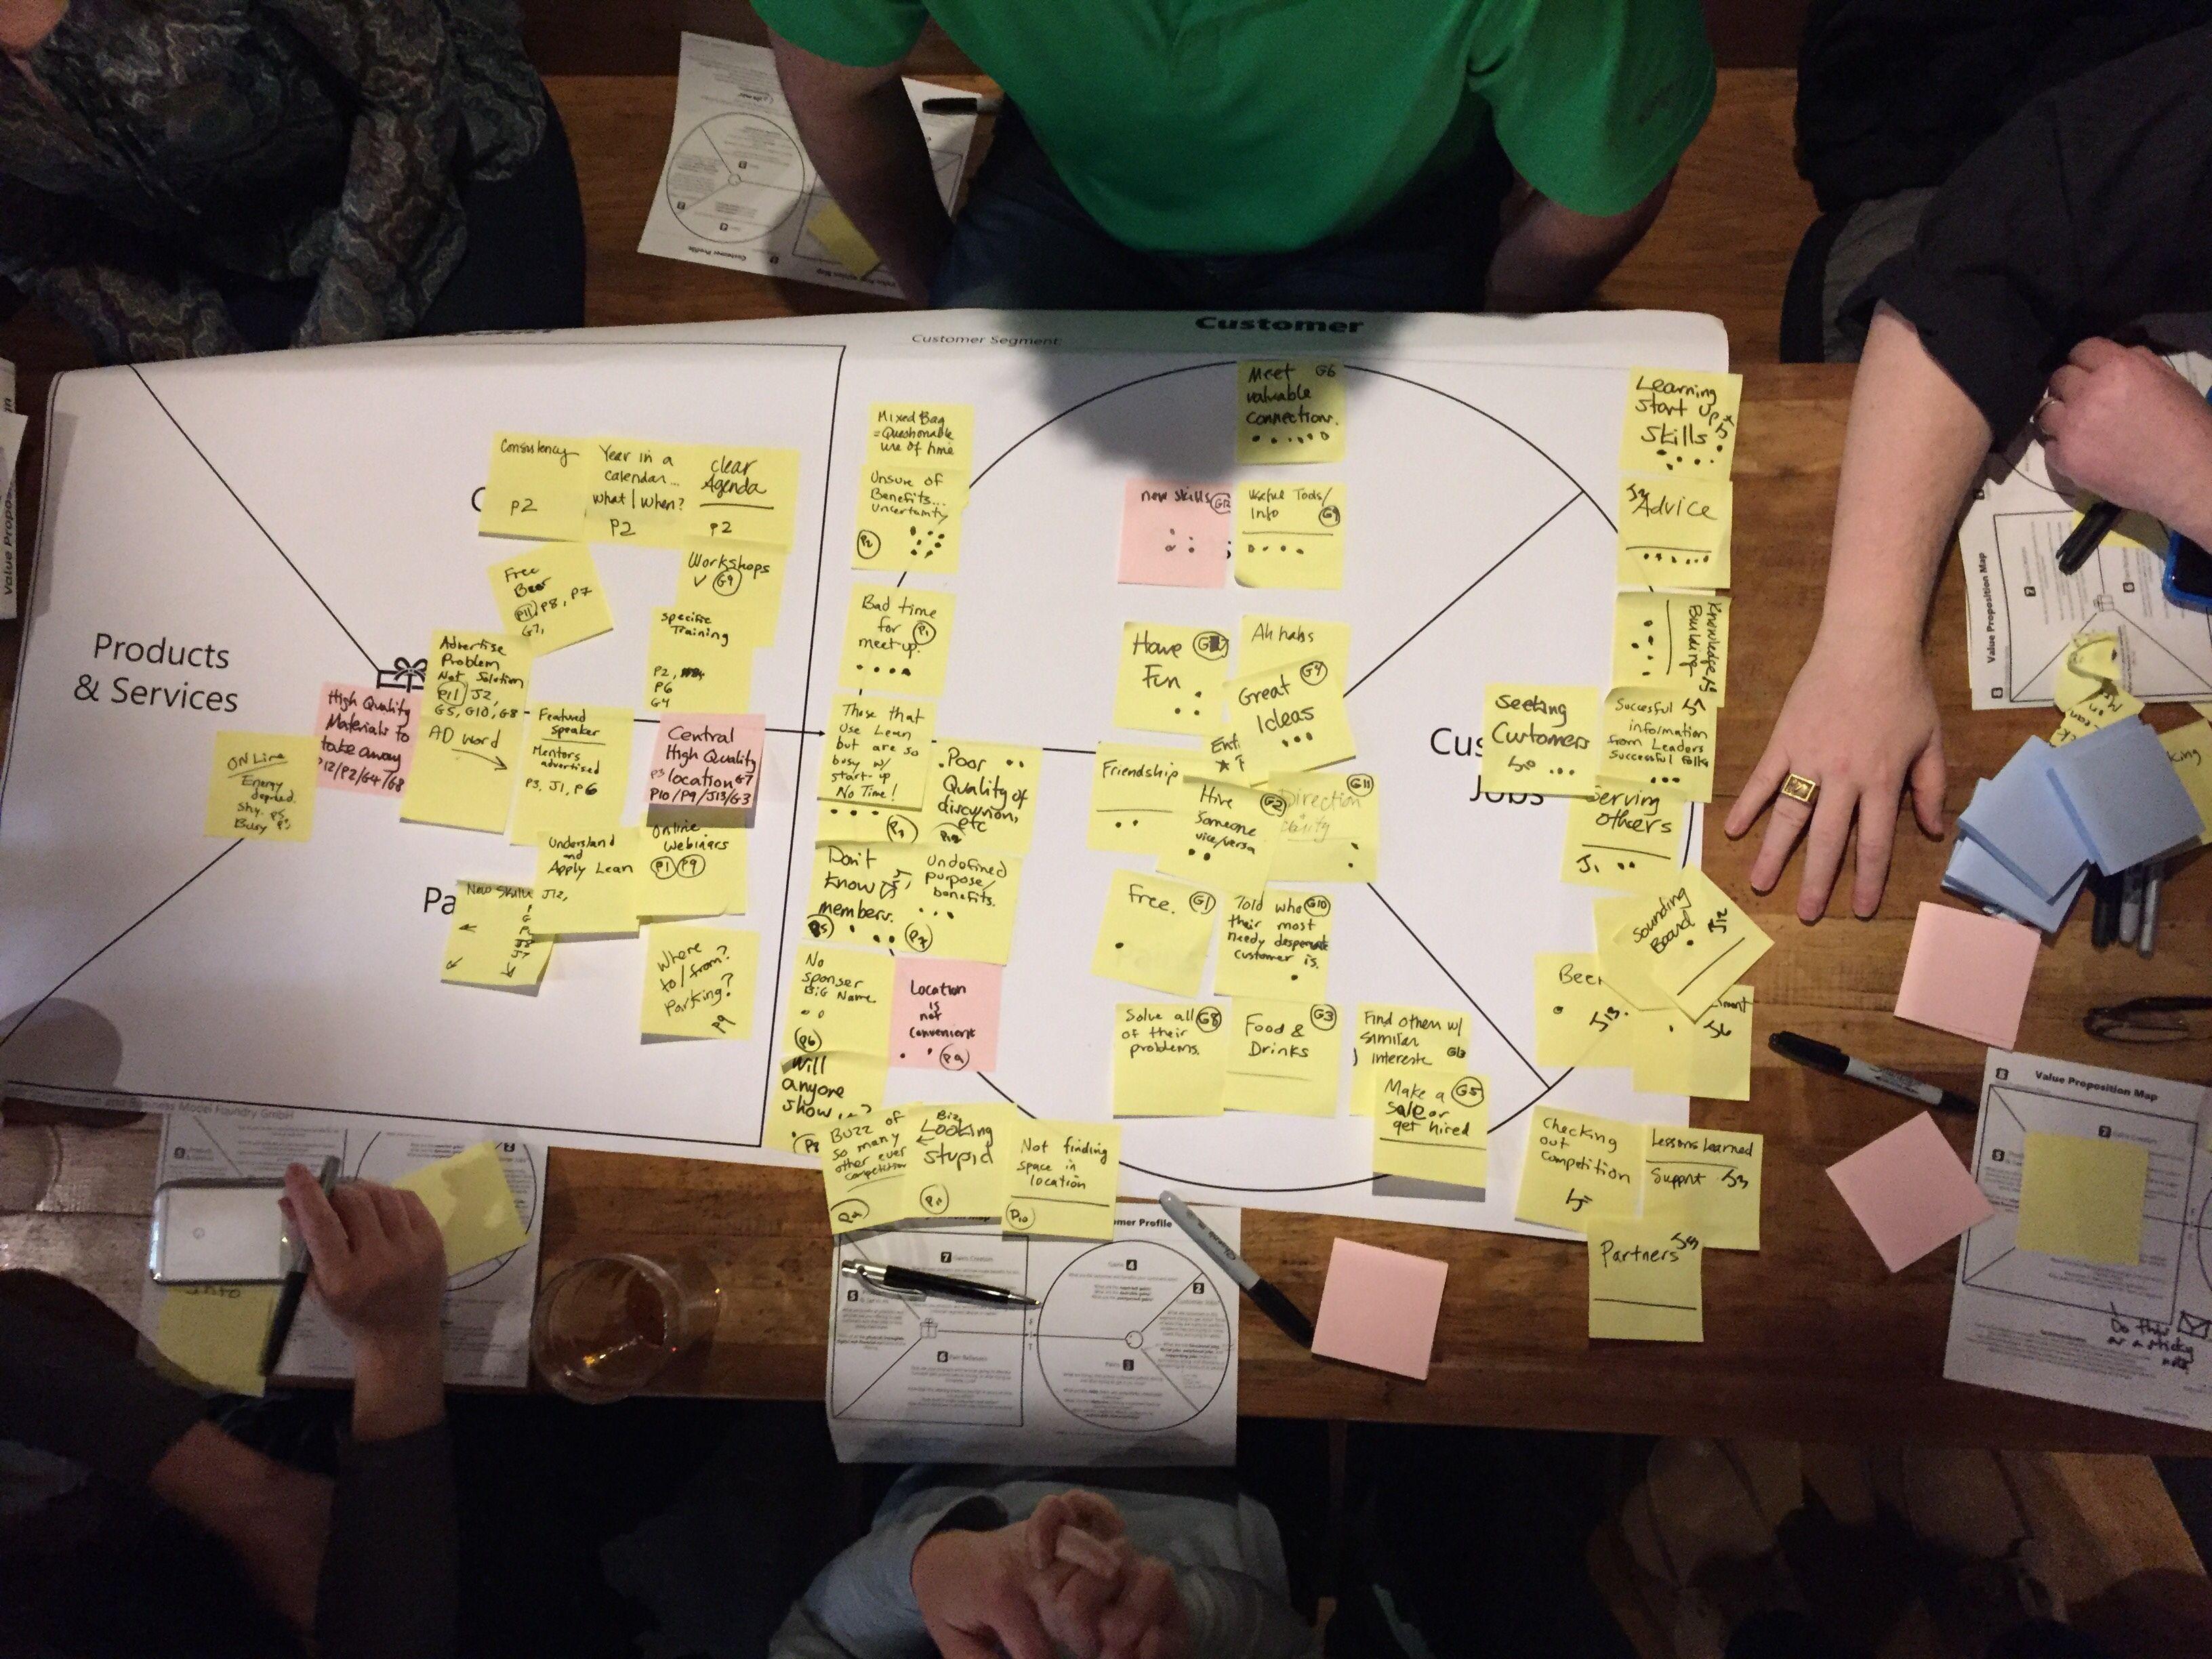 PDX Lean Startups